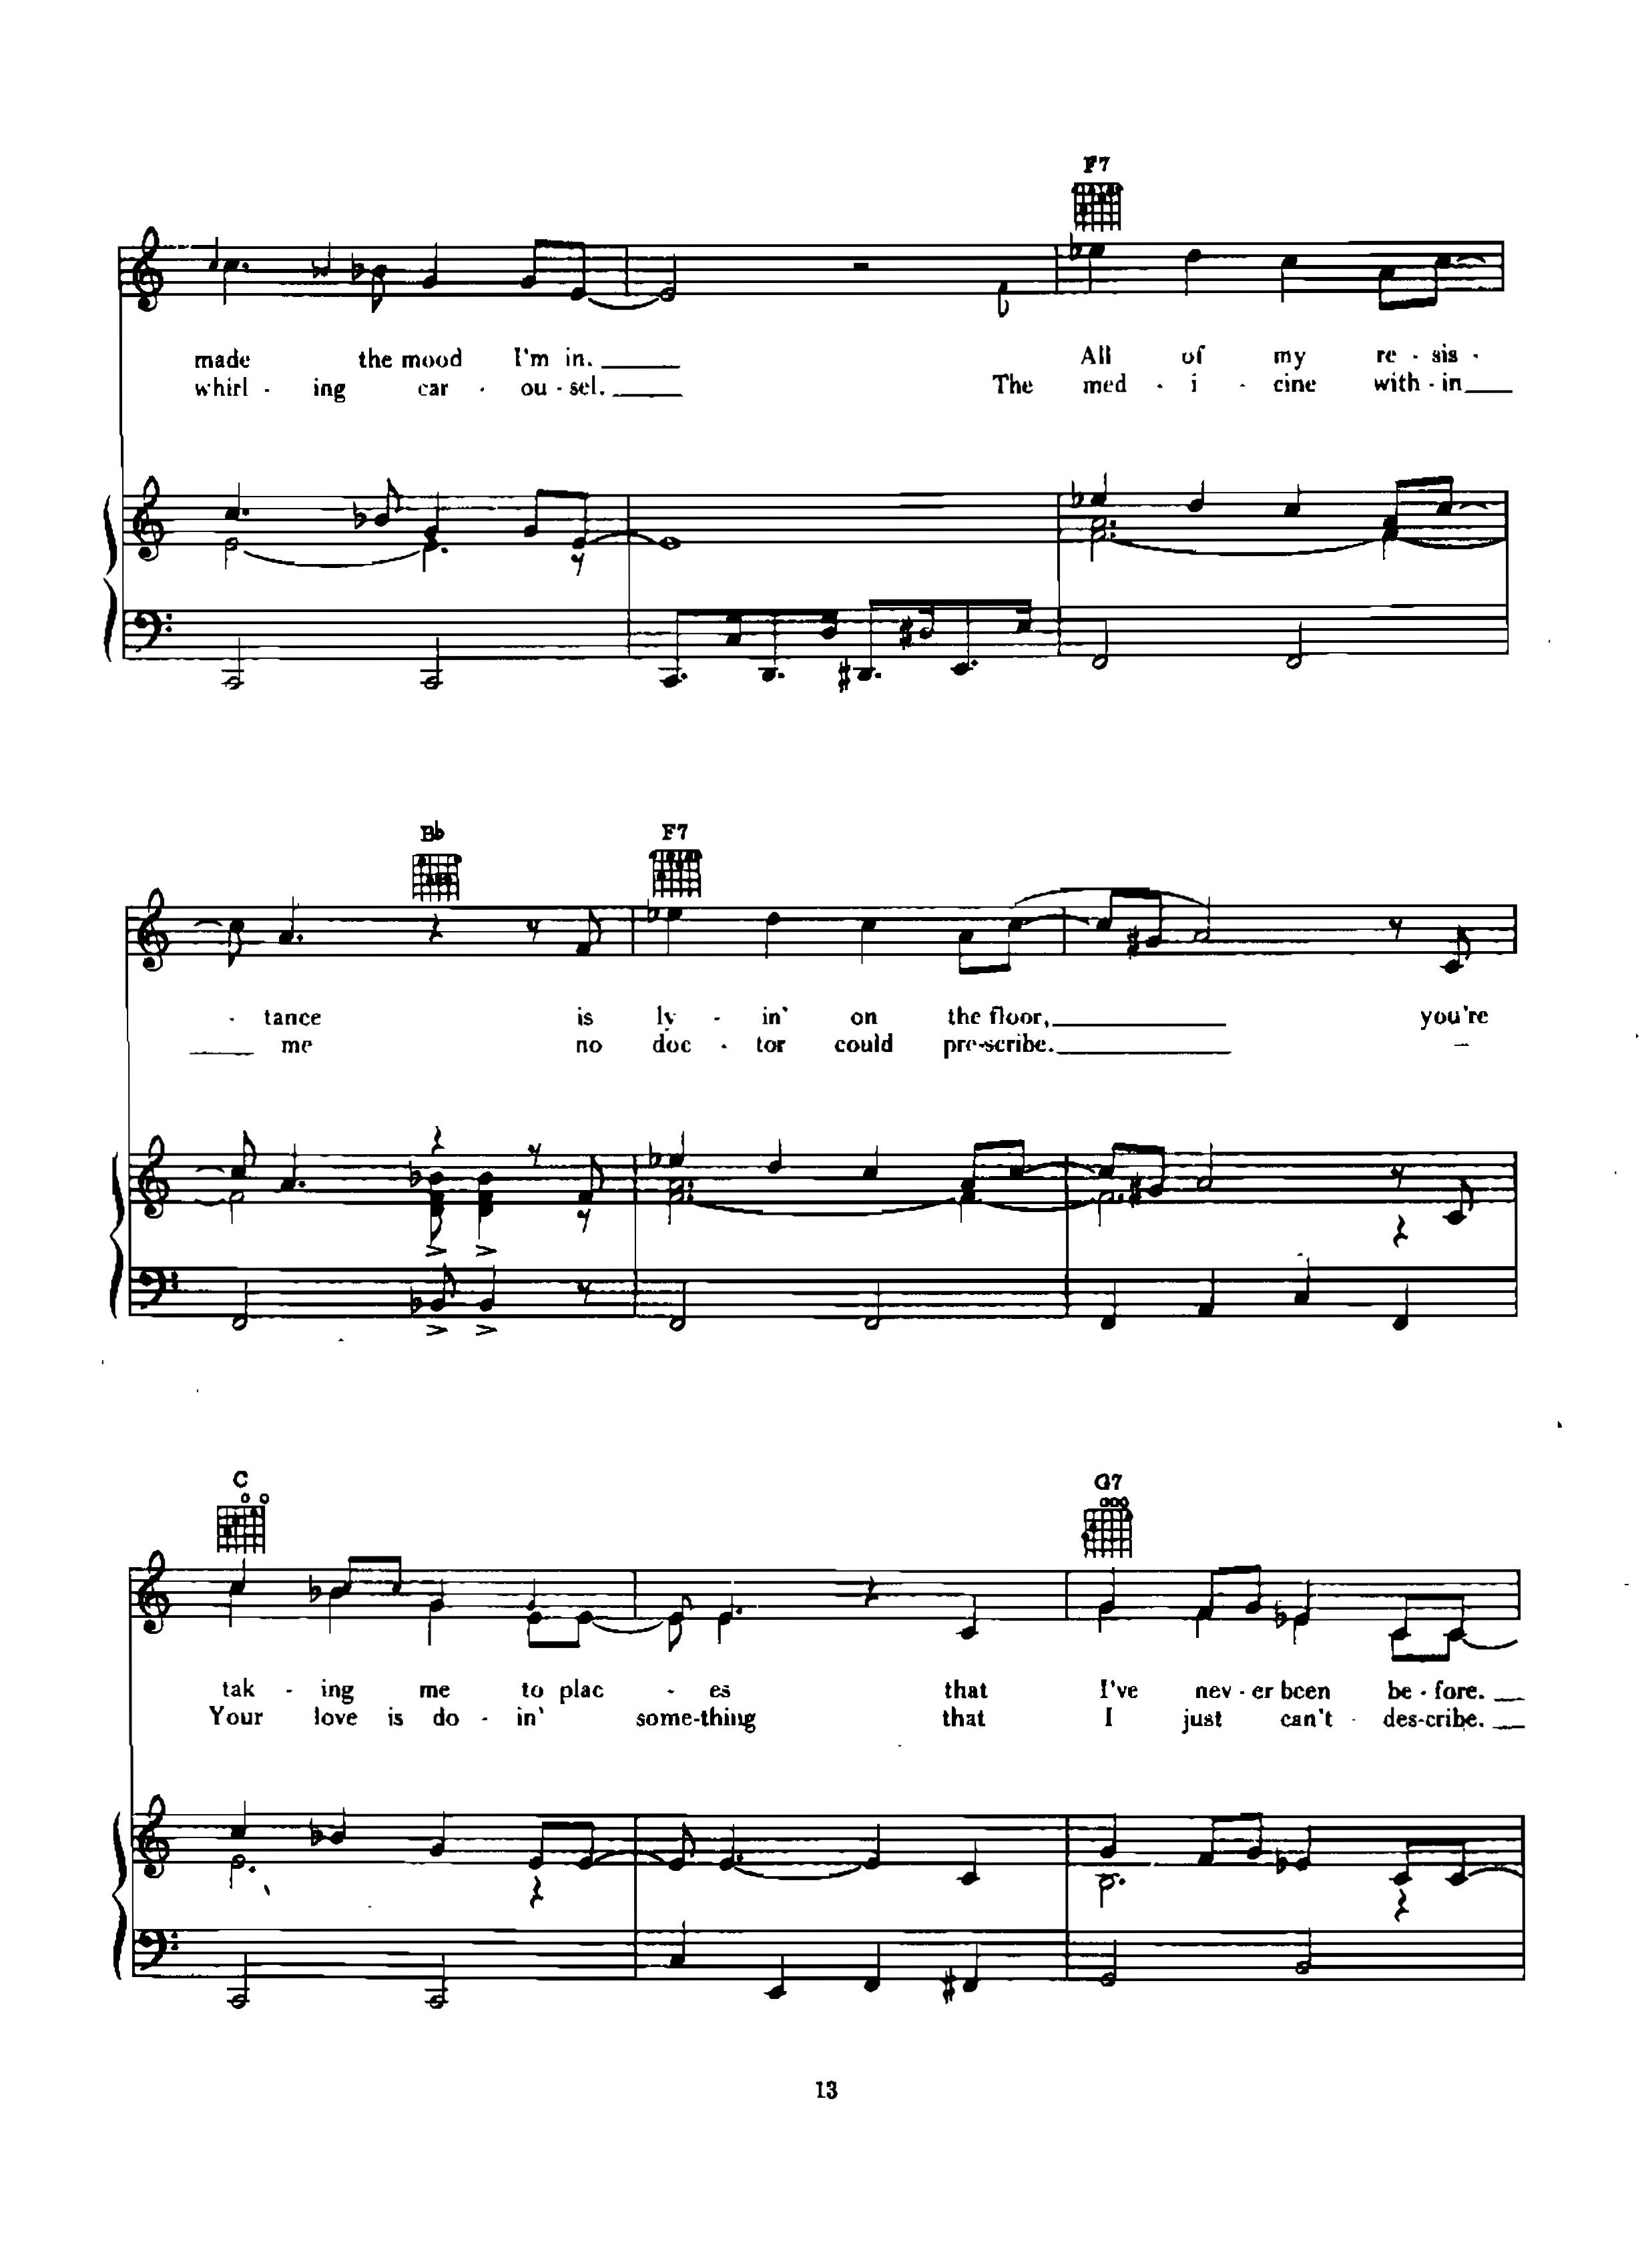 Chia sẻ: Elvis Presley với các ca khúc nổi tiếng soạn cho Piano và Guitar way down